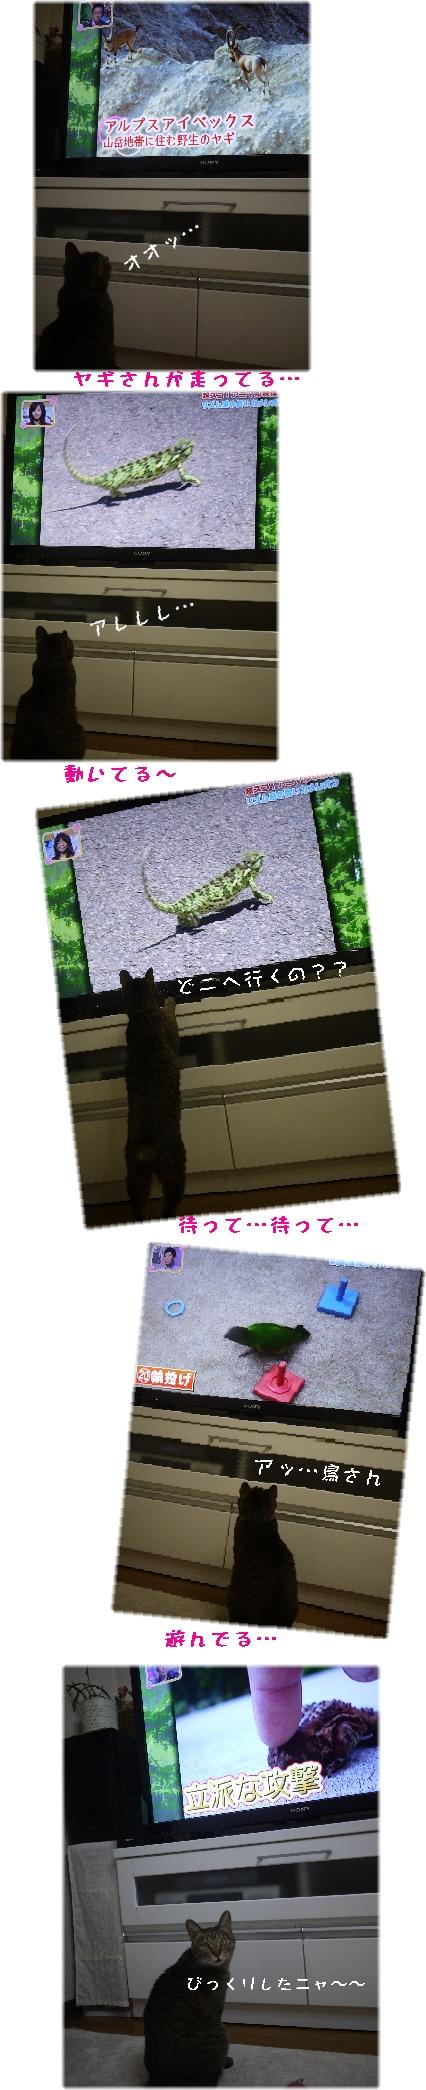 テレビを見るハナ①